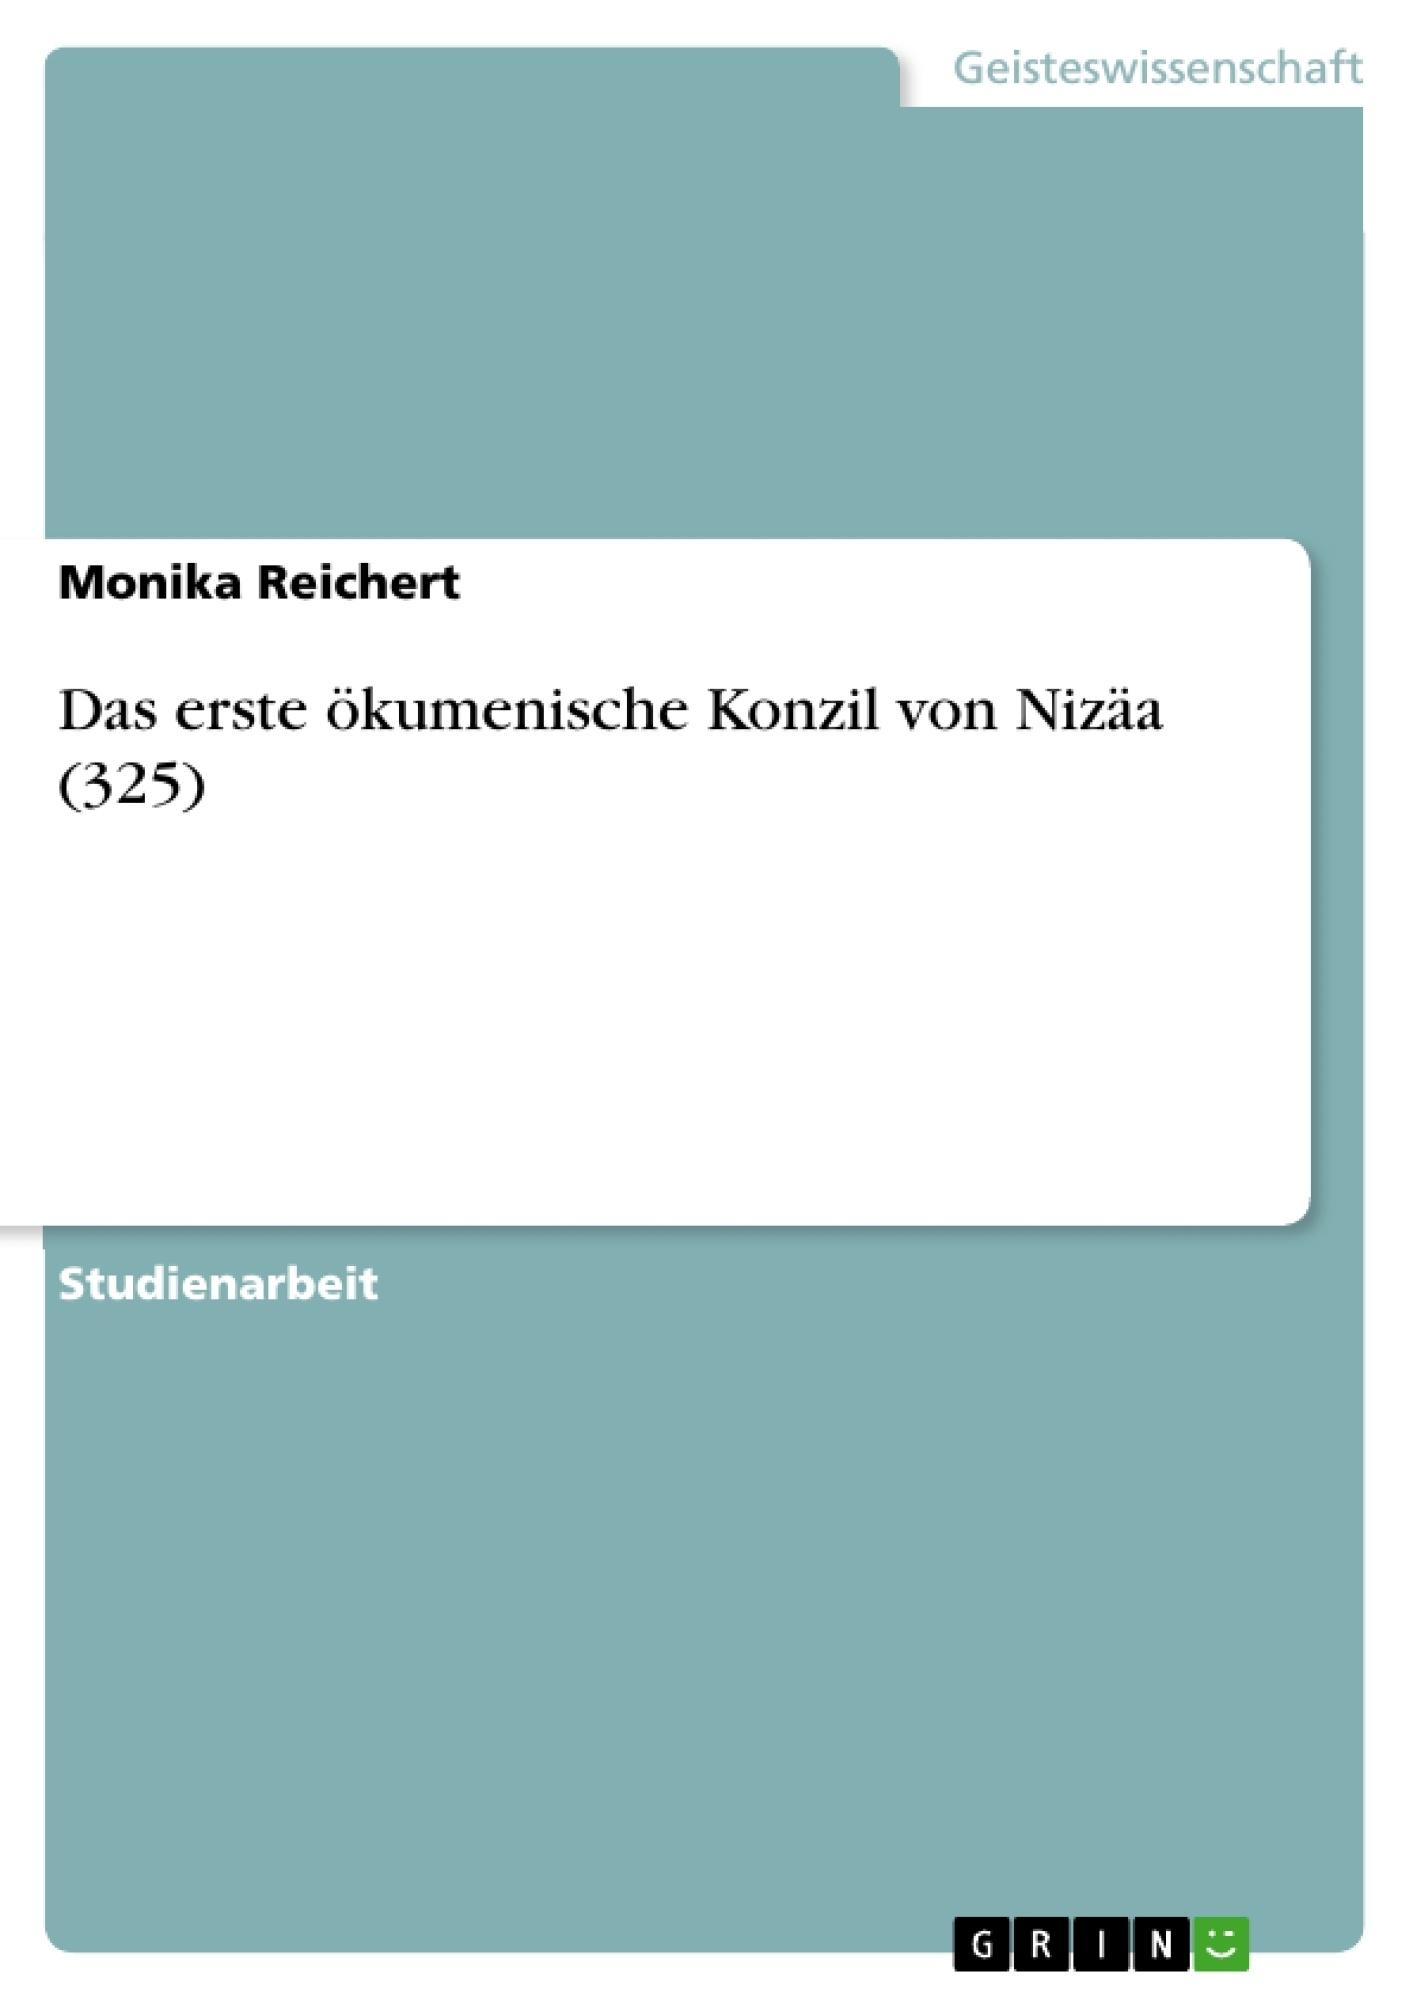 Titel: Das erste ökumenische Konzil von Nizäa (325)